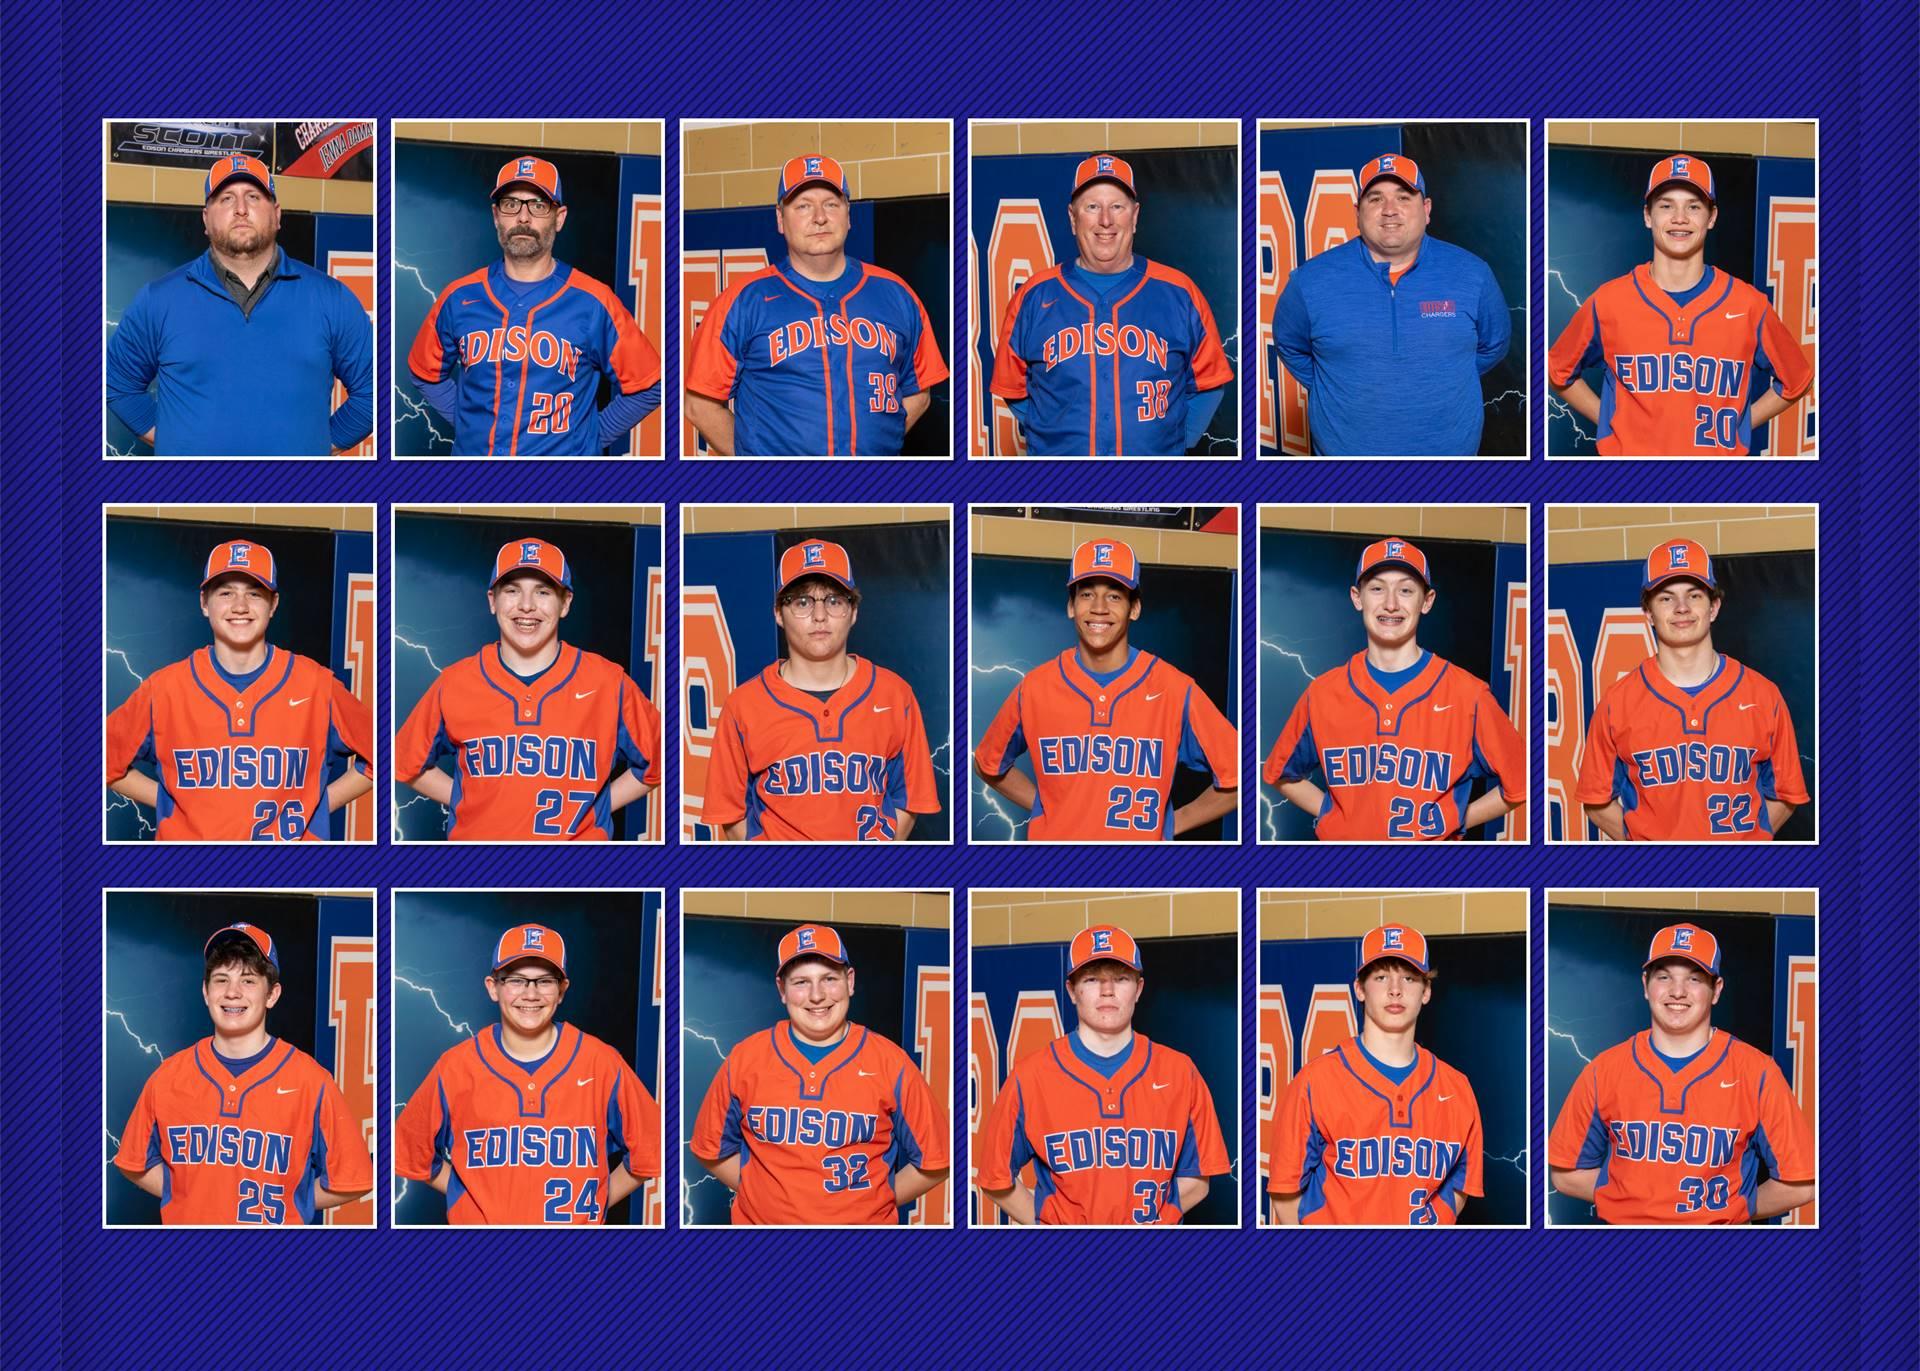 2021 Charger JV Baseball Team